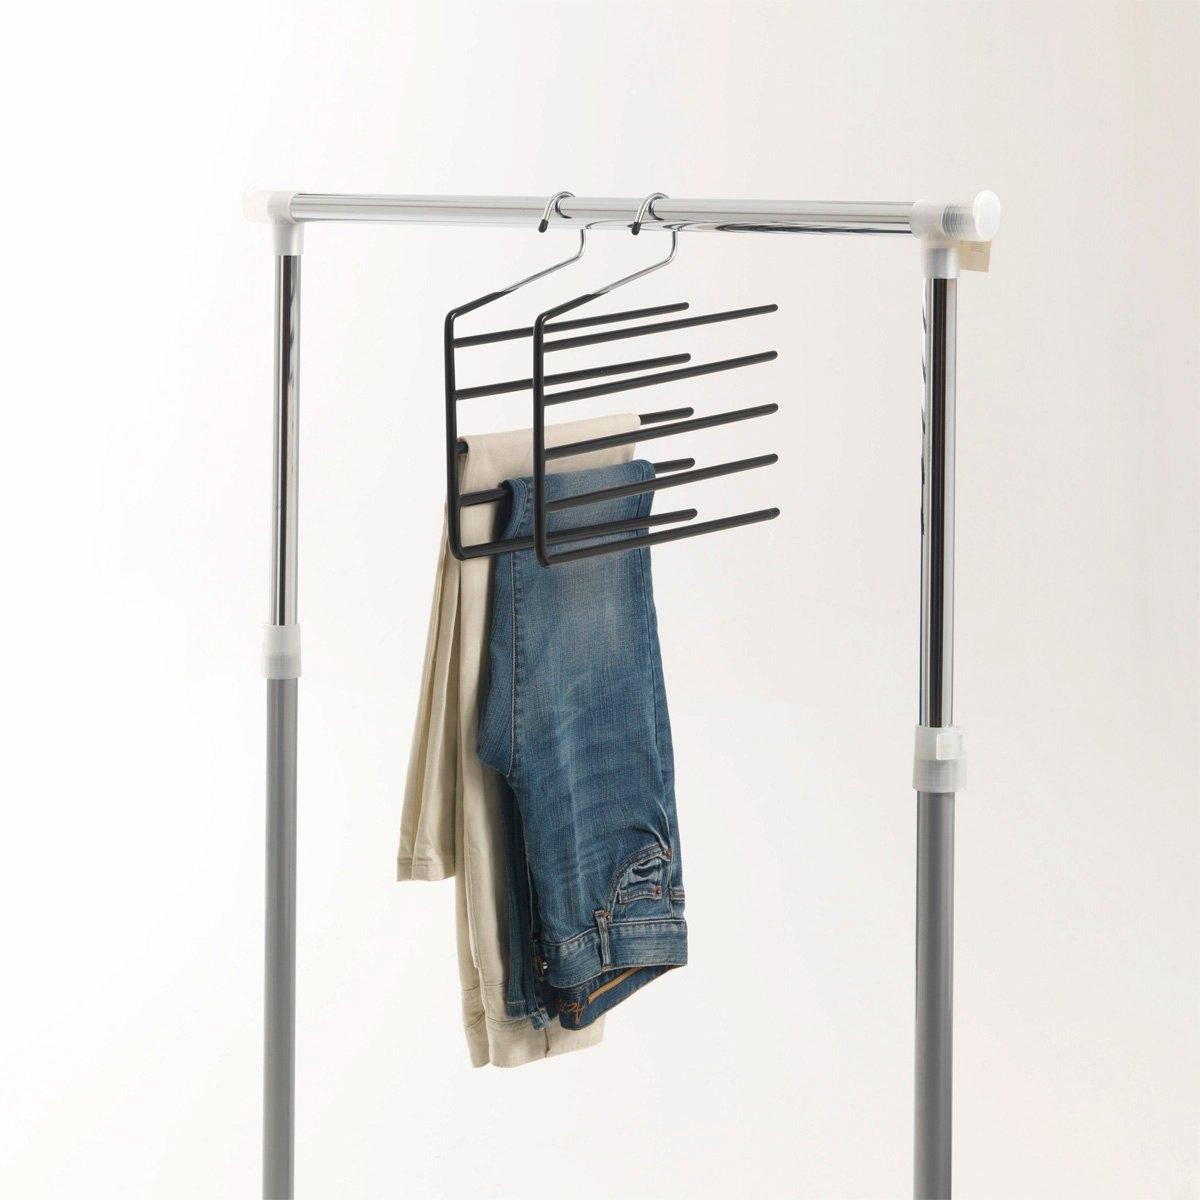 2 вешалки для брюкКомплект из 2 вешалок для брюк из хромированного металла с покрытием из ПВХ. Размеры вешалки для брюк: 34,5 x 34,5 см.<br><br>Цвет: серый хромированный